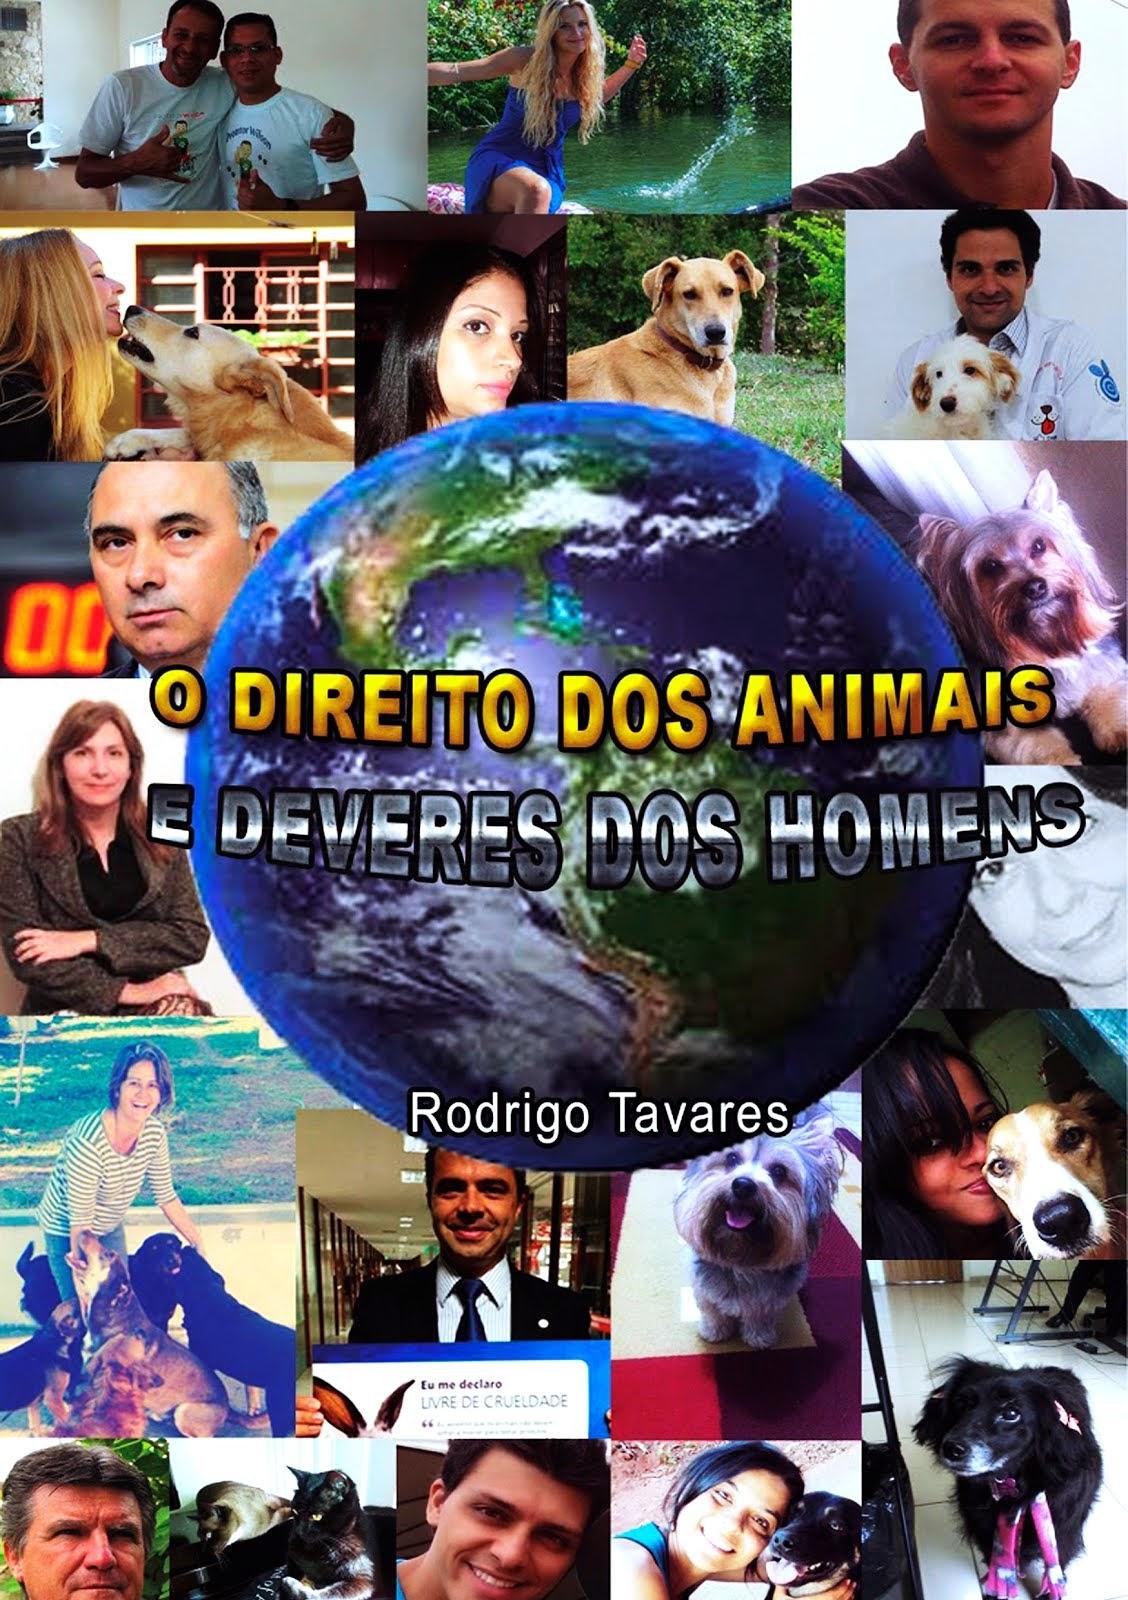 Direitos dos animais e Deveres dos homens